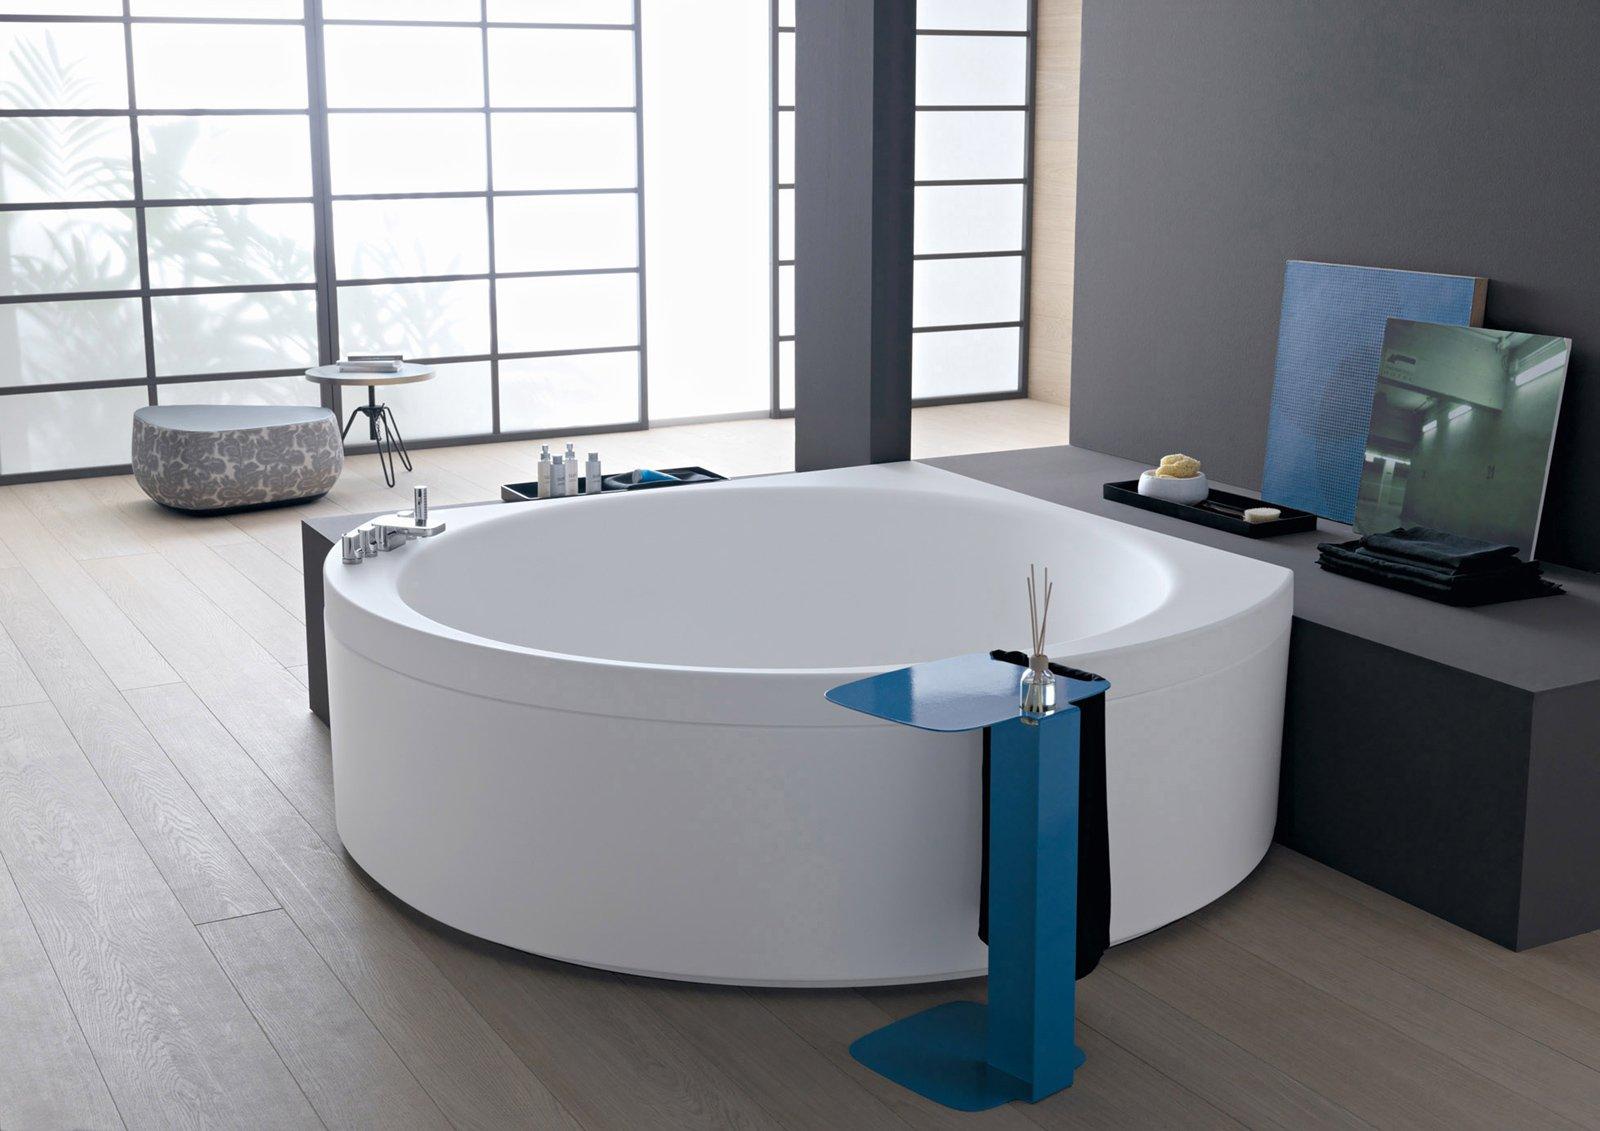 Bagno come attrezzarlo per il tuo benessere cose di casa - Come lucidare una vasca da bagno opaca ...